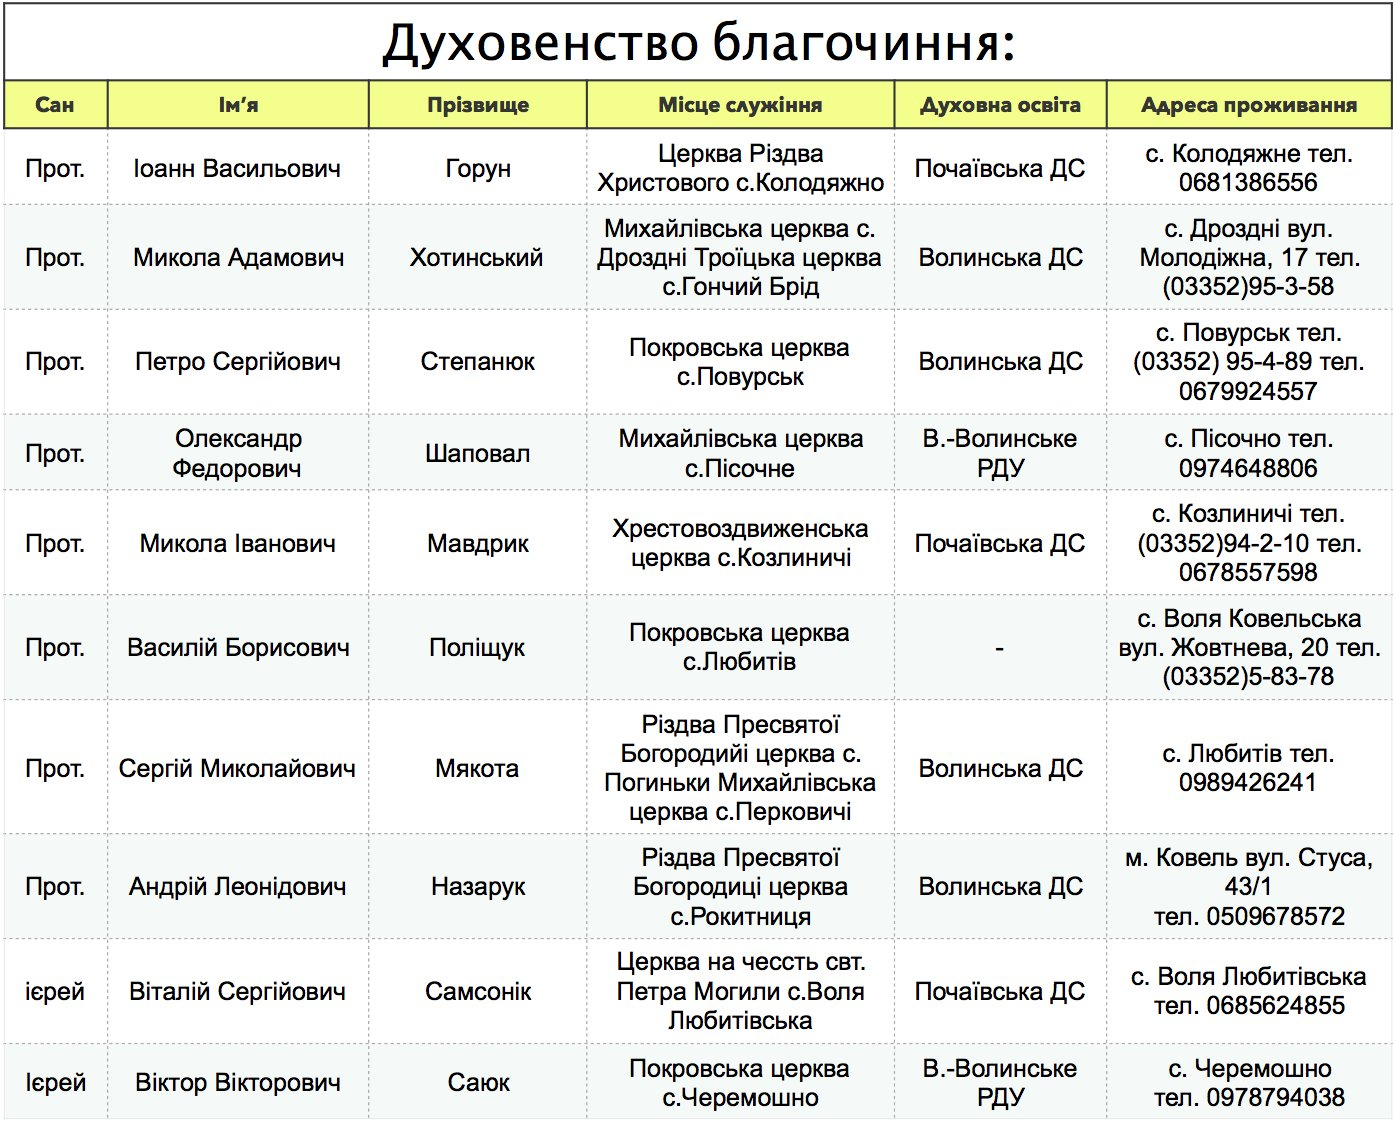 Ковельсько-Введенський благочинницький округ_духовенство